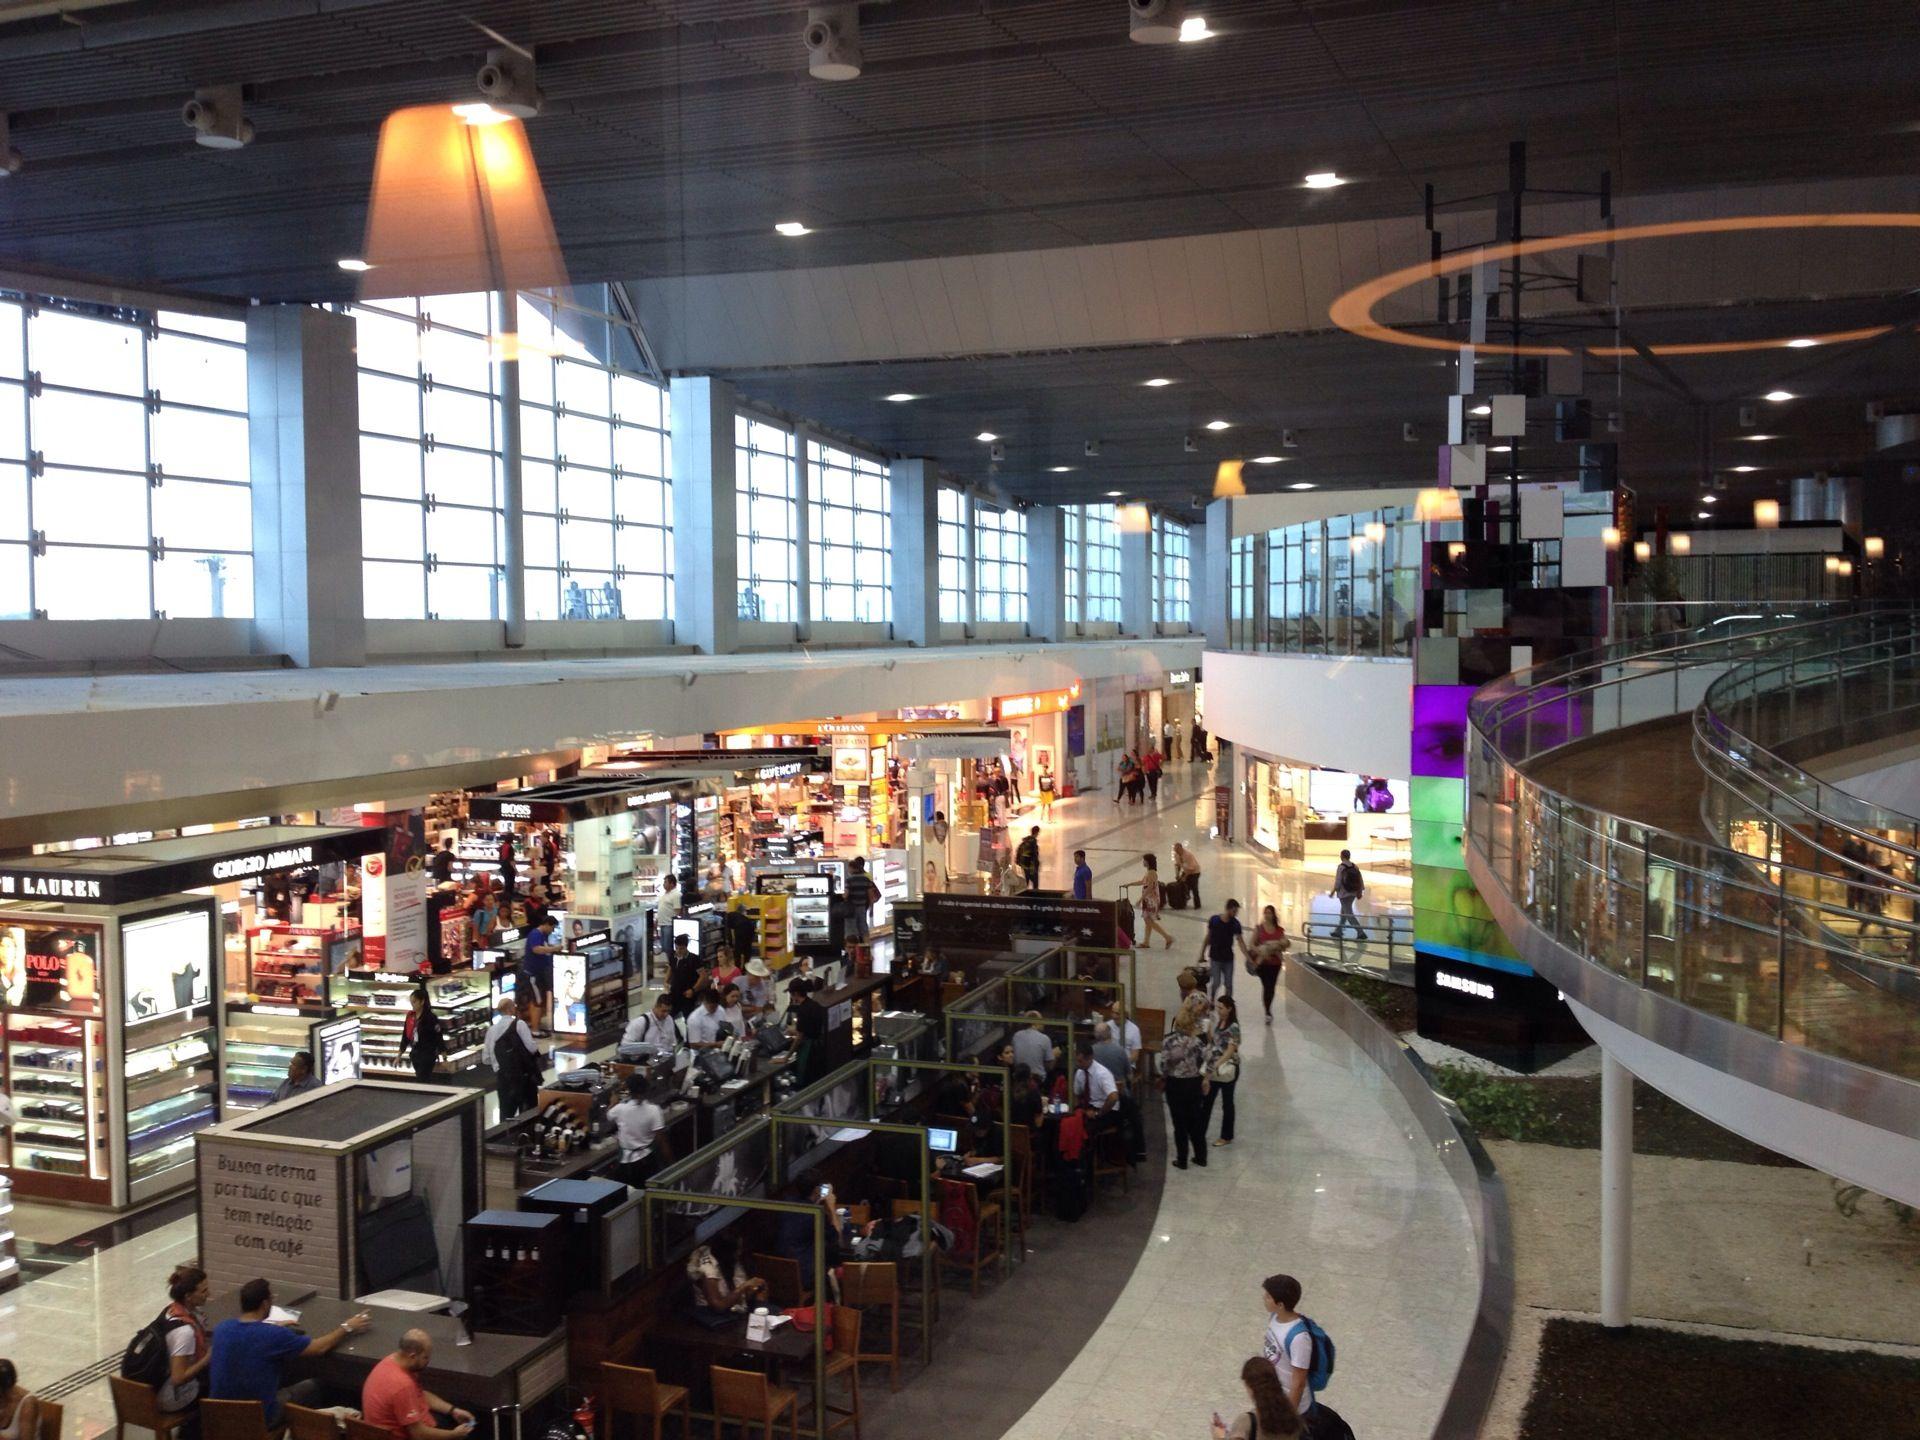 Aeroporto Sp : Aeroporto internacional de são paulo guarulhos gru en